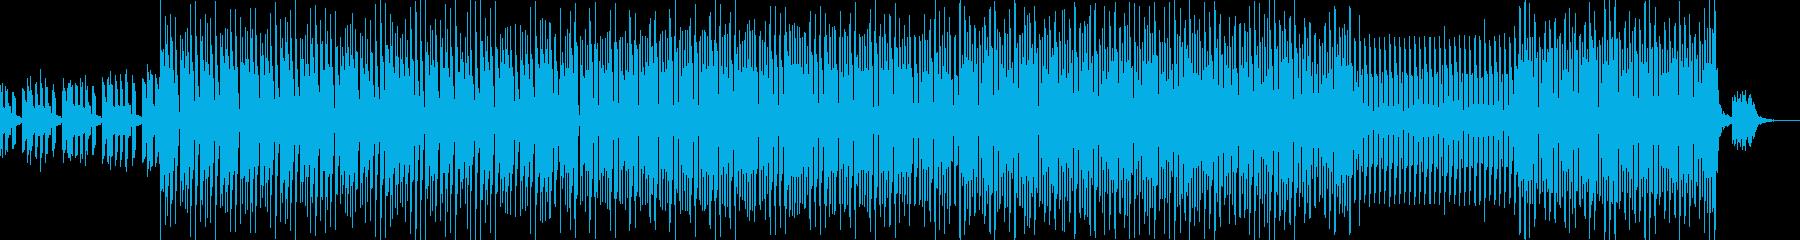 活気があり、エネルギッシュで、パー...の再生済みの波形